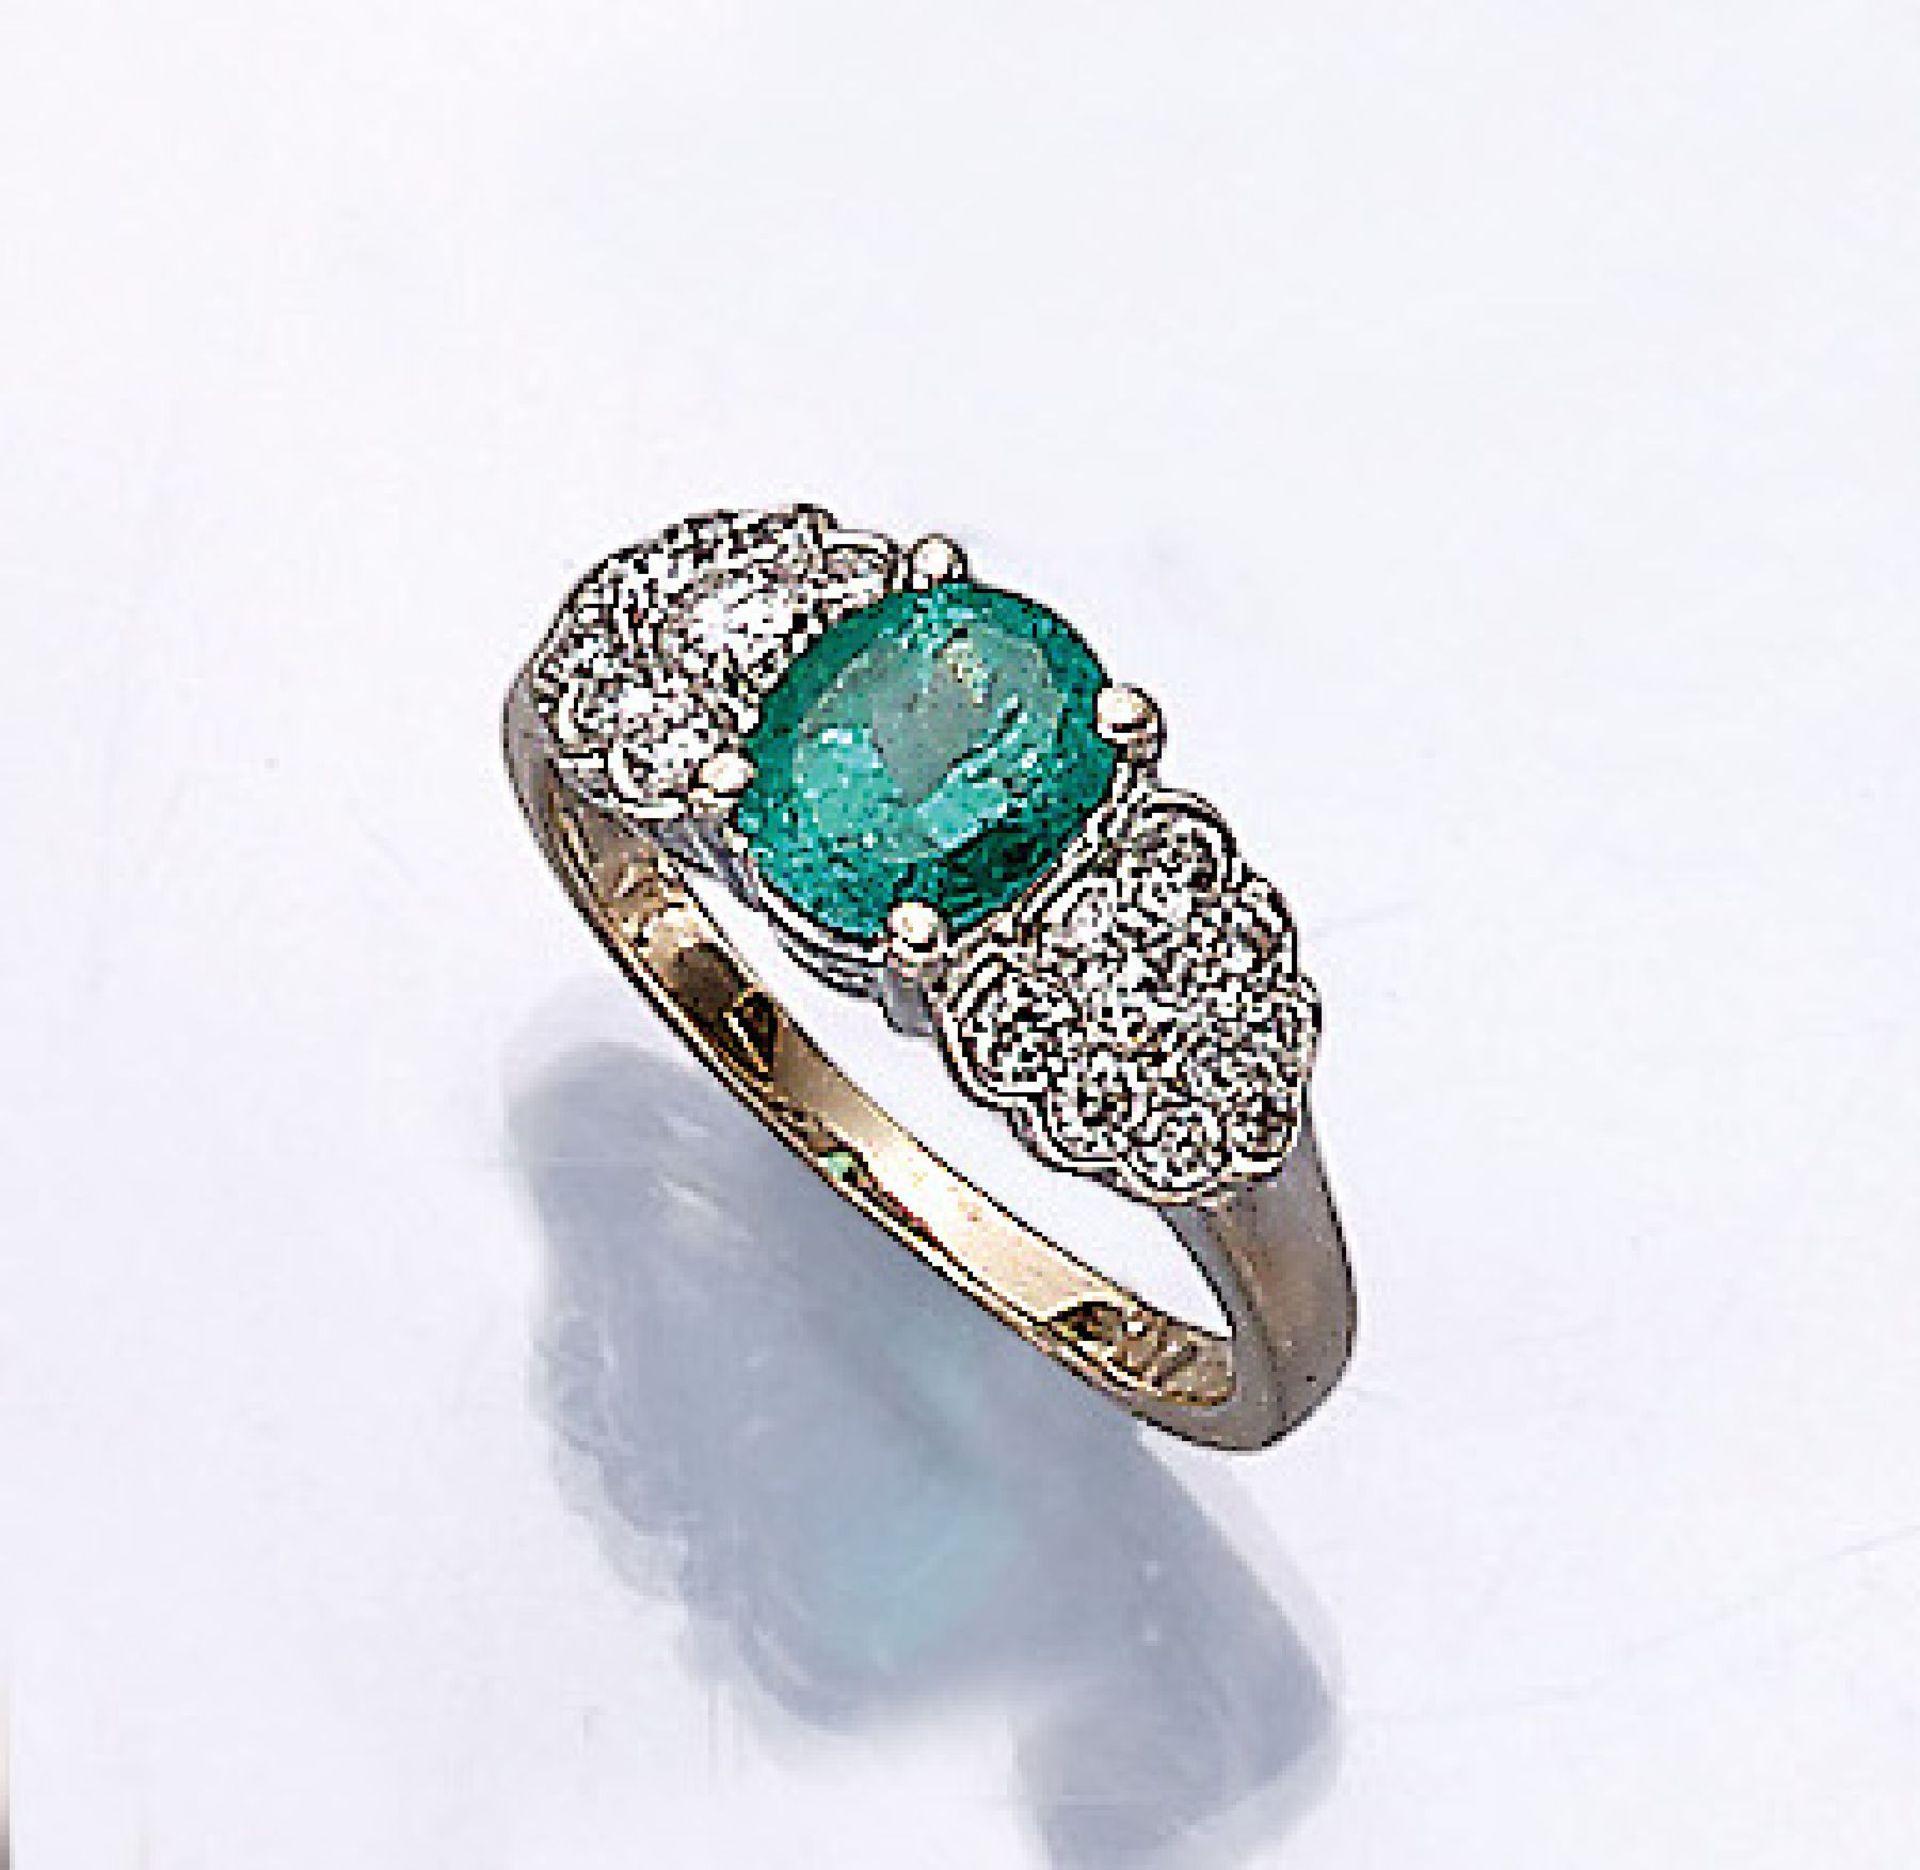 18 kt Gold Ring mit Smaragd und Brillanten, WG 750/000, ovalfacett. Smaragd ca. 1.00 ct, 20